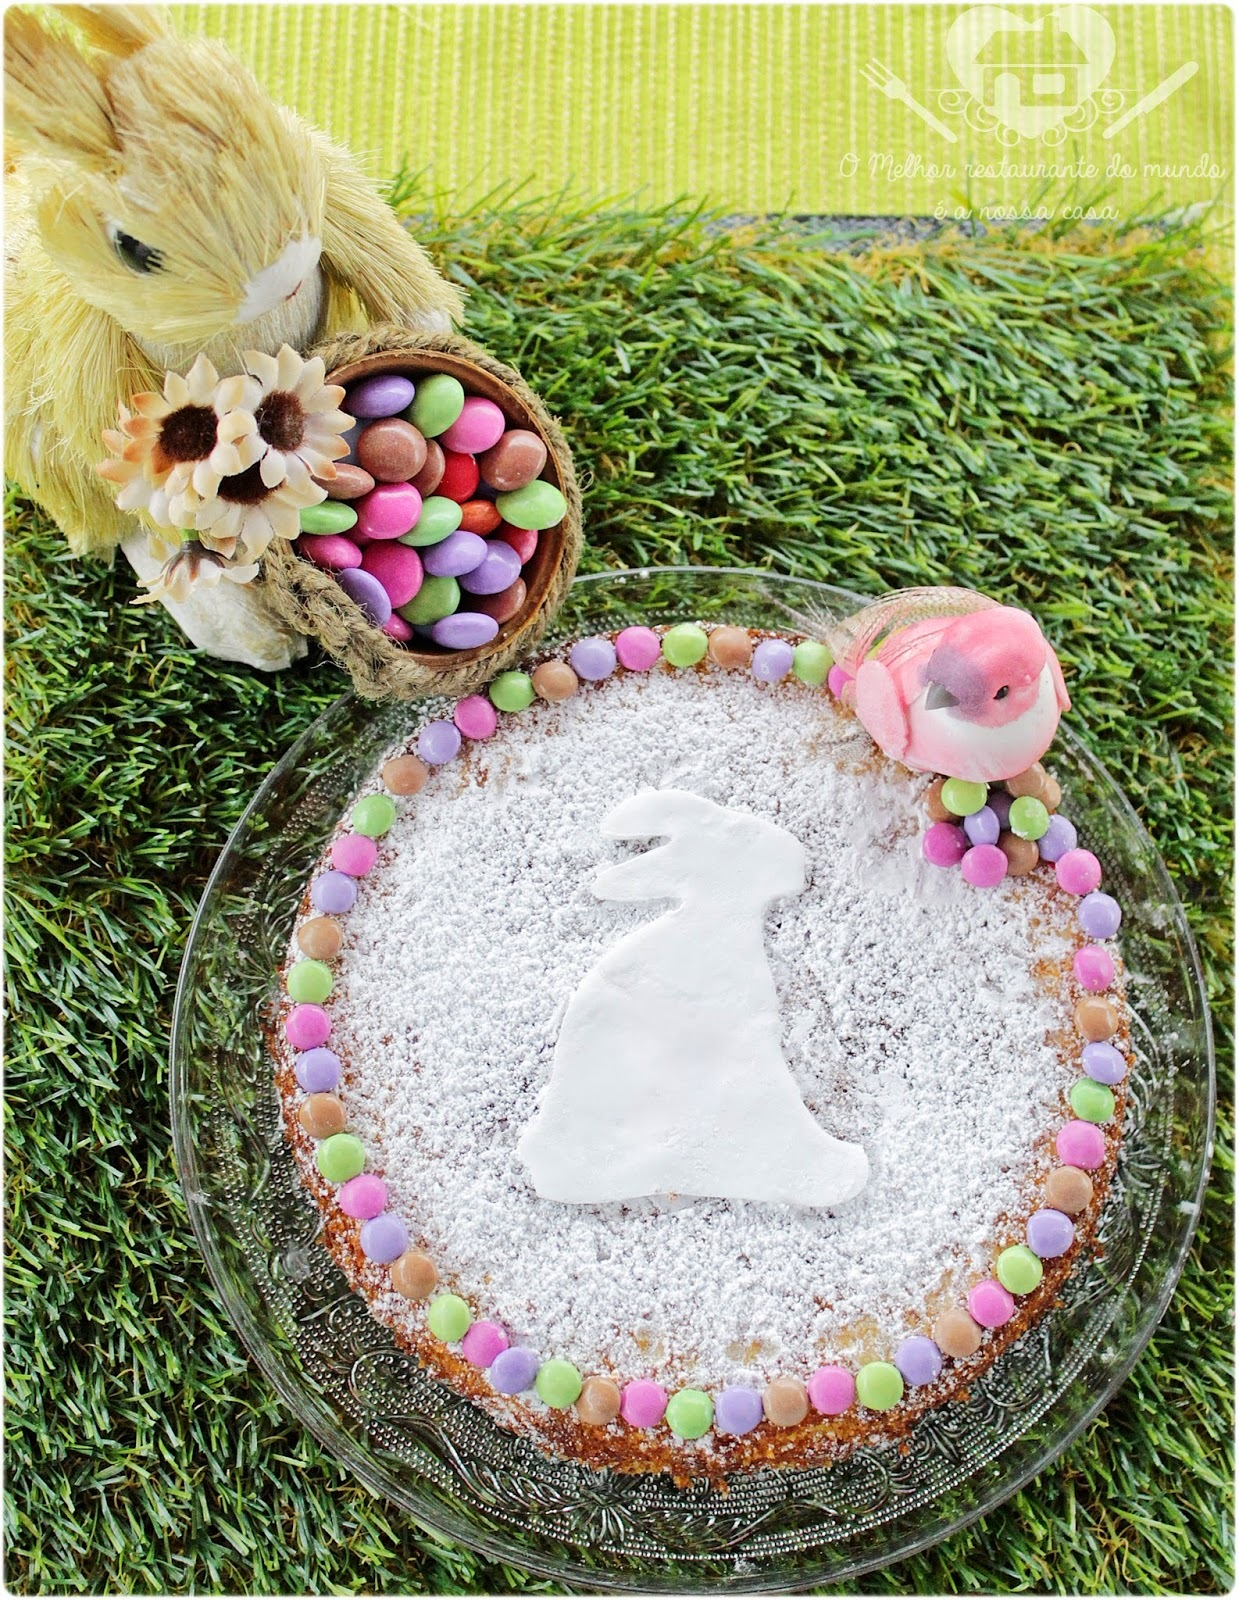 bolo de chantilly com decoraçao para pascoa